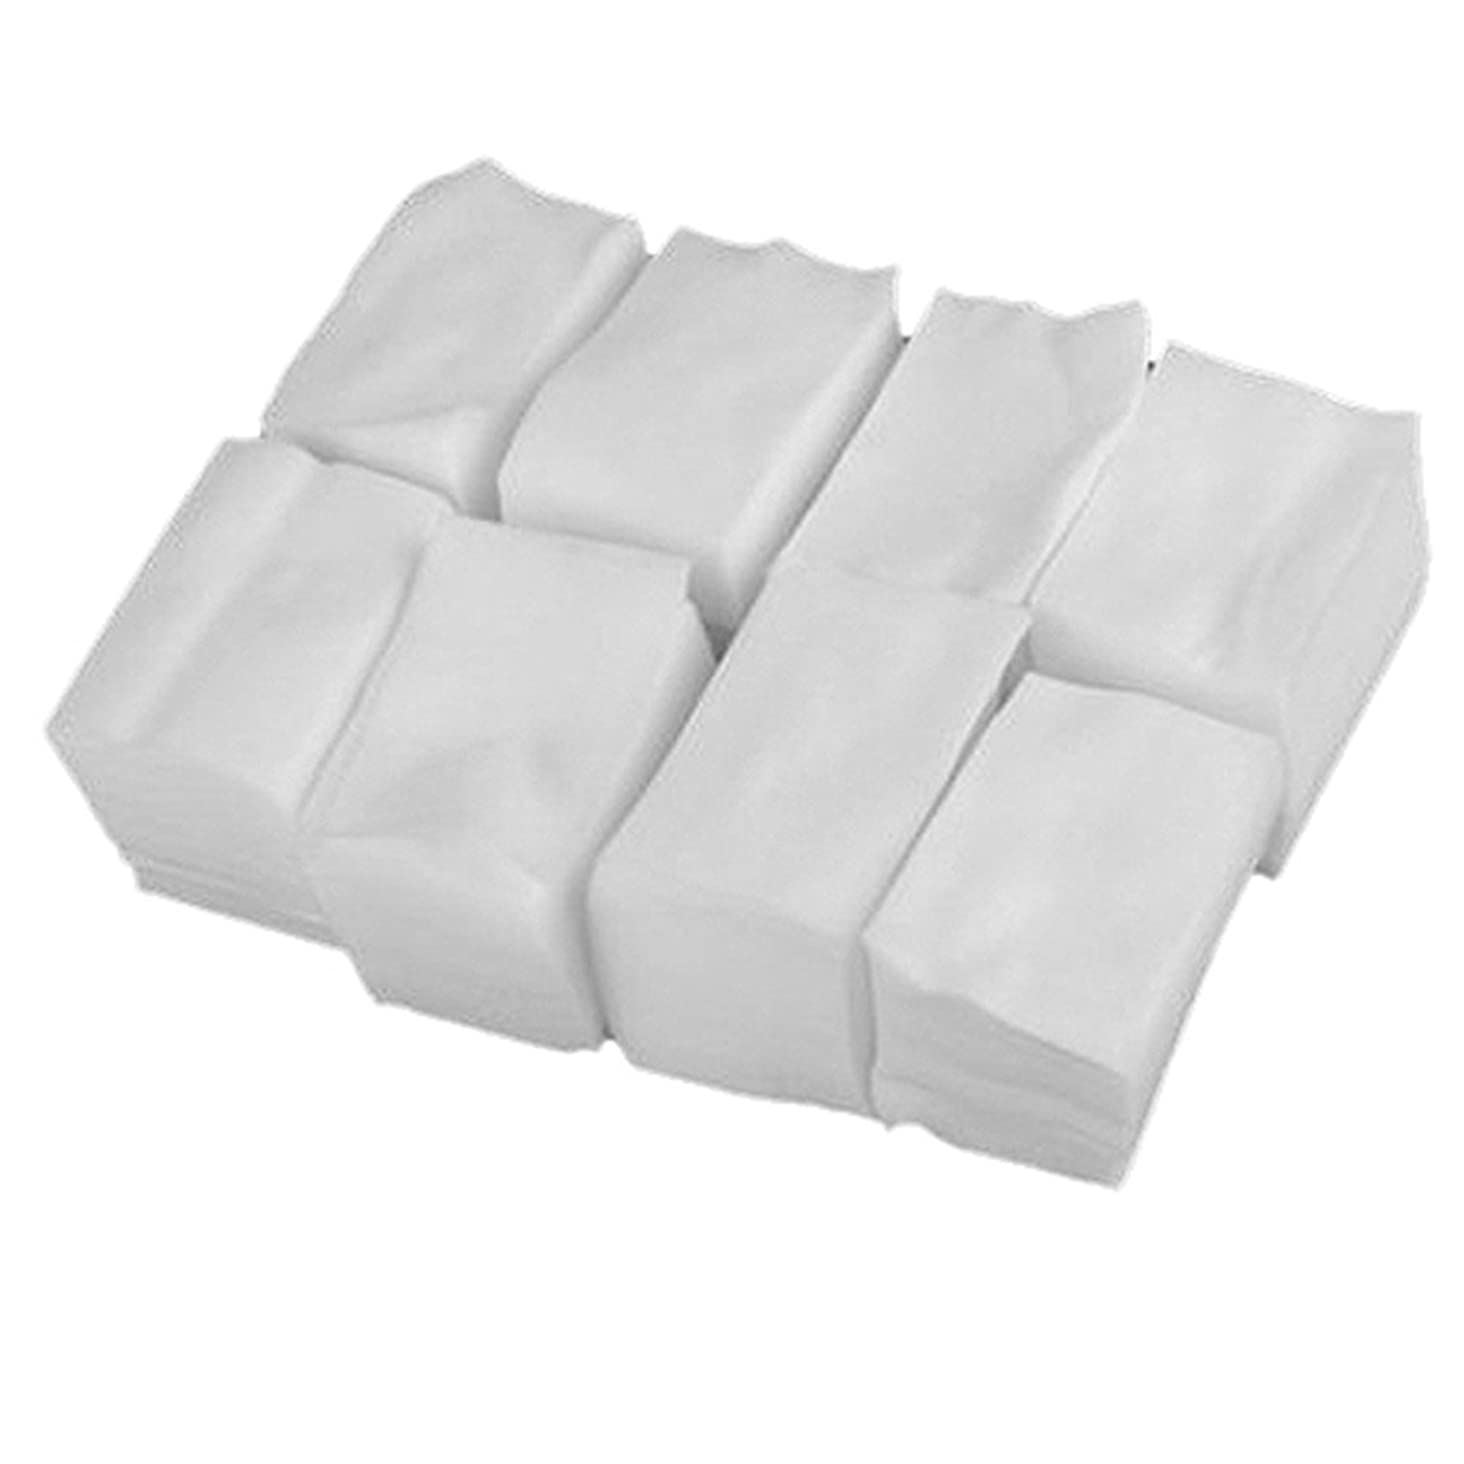 ポップ我慢する汚れるVi.yo ネイル ジェル ワイプ 天然素材 不織布 コットン ジェルの拭き取り 油分除去 クリーニング 900枚以上